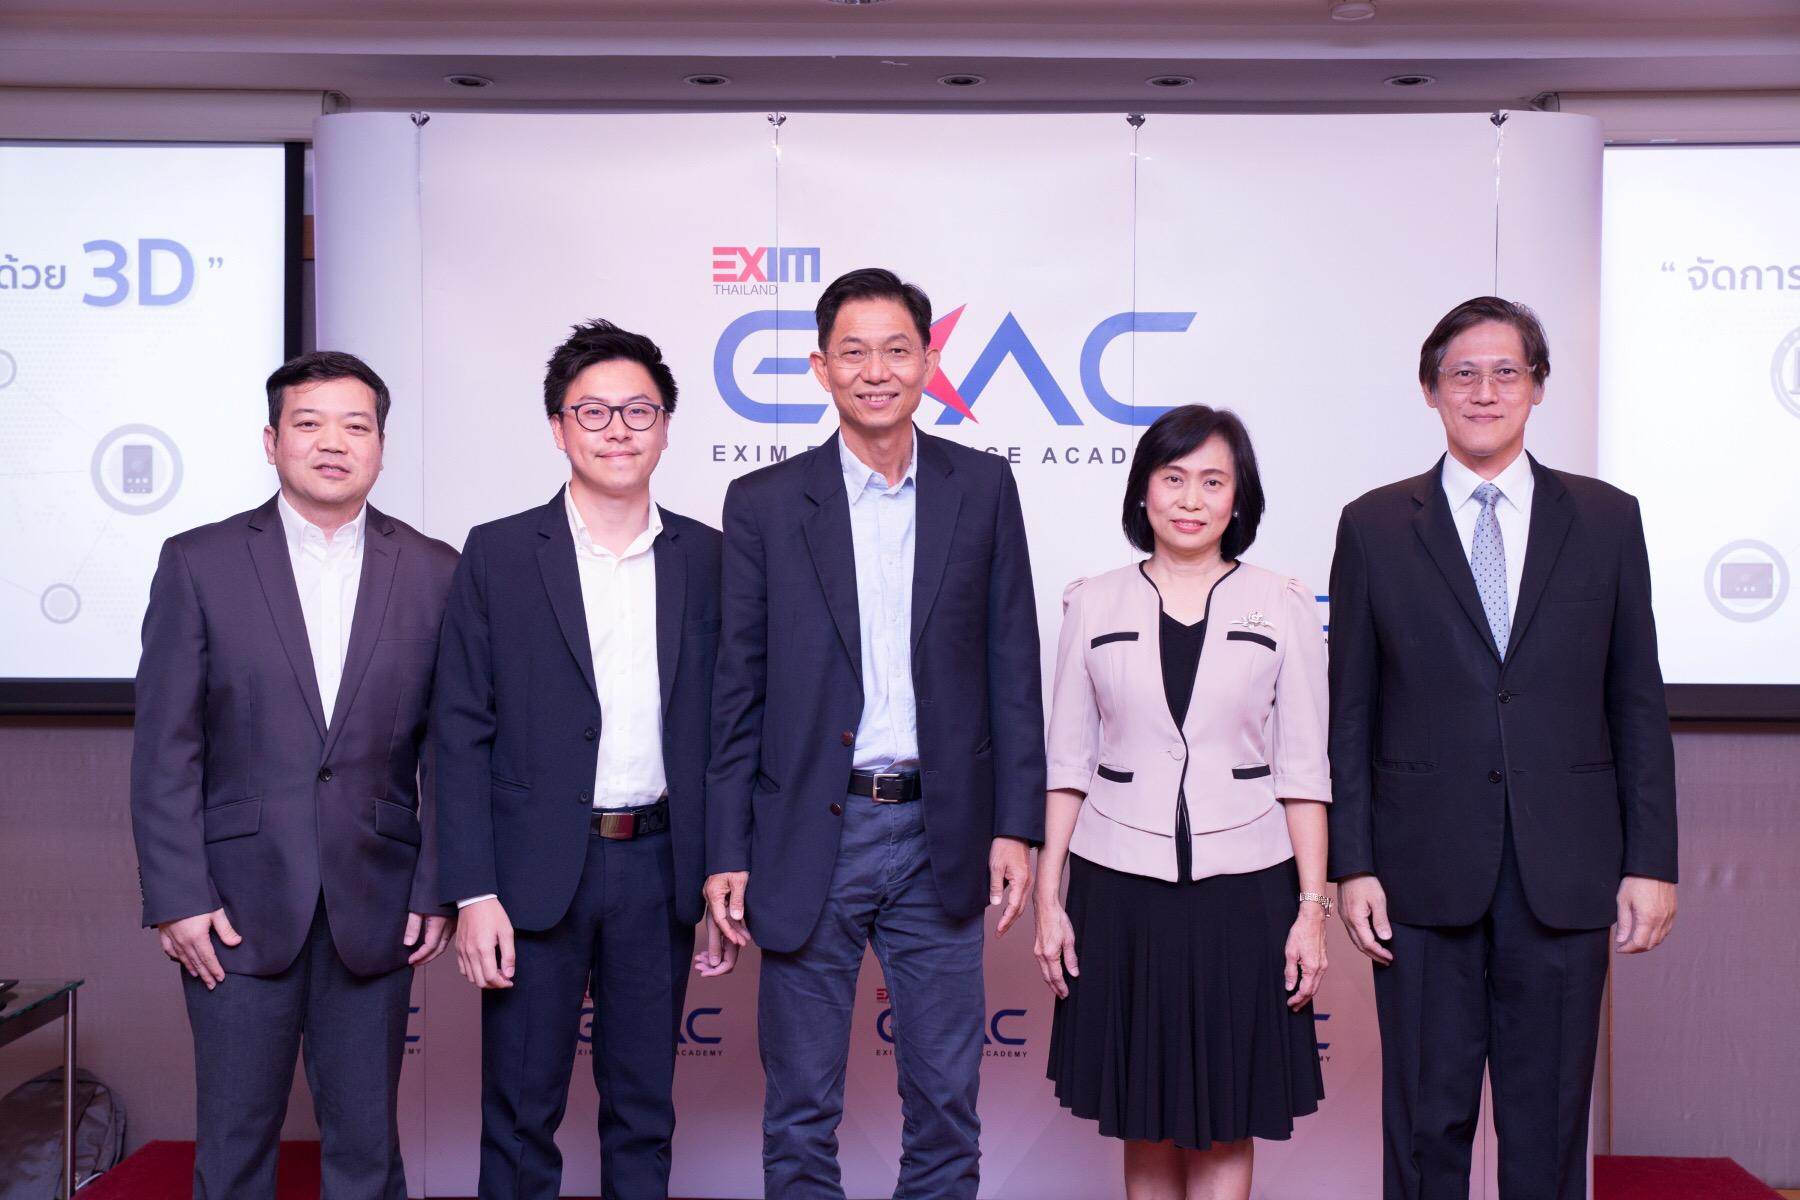 EXIM BANK จัดสัมมนาเสริมความรู้ผู้ประกอบการให้แข่งขันได้ในยุคดิจิทัล